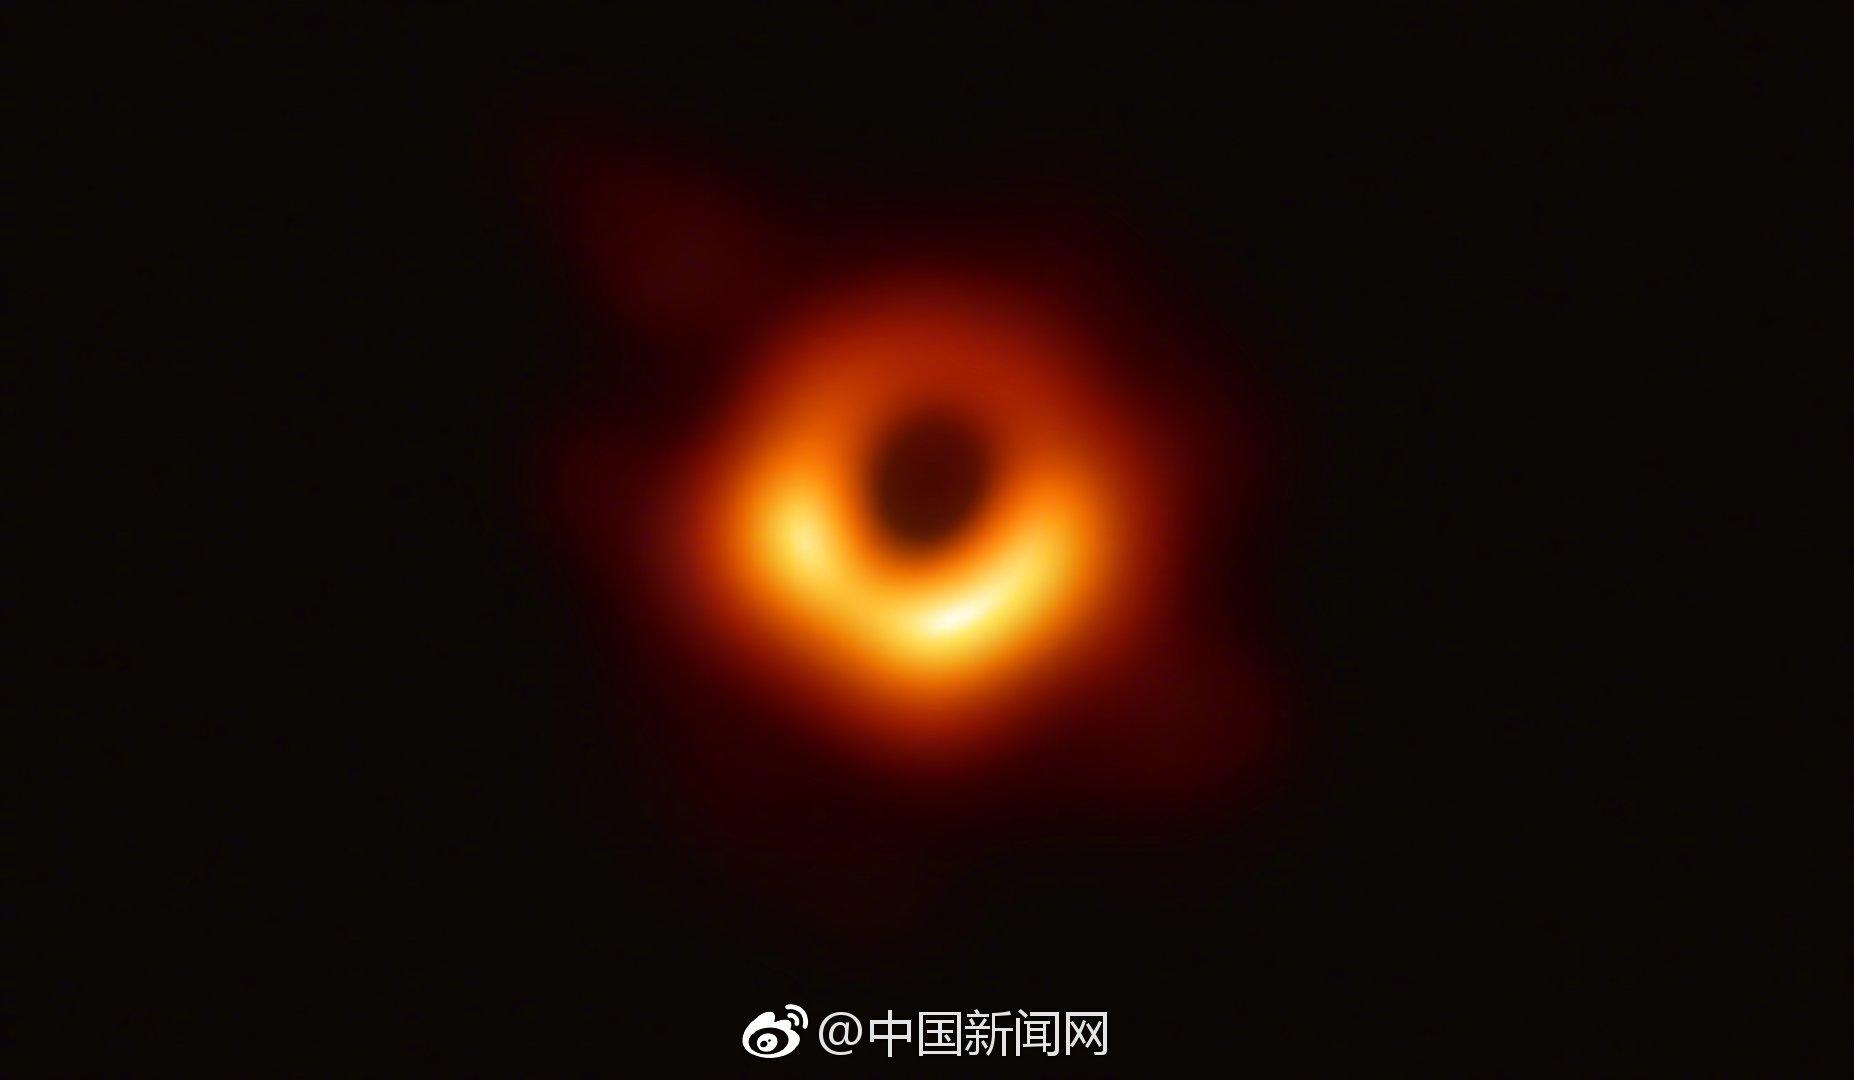 吊足胃口的人类首张黑洞照片发布,附下载地址